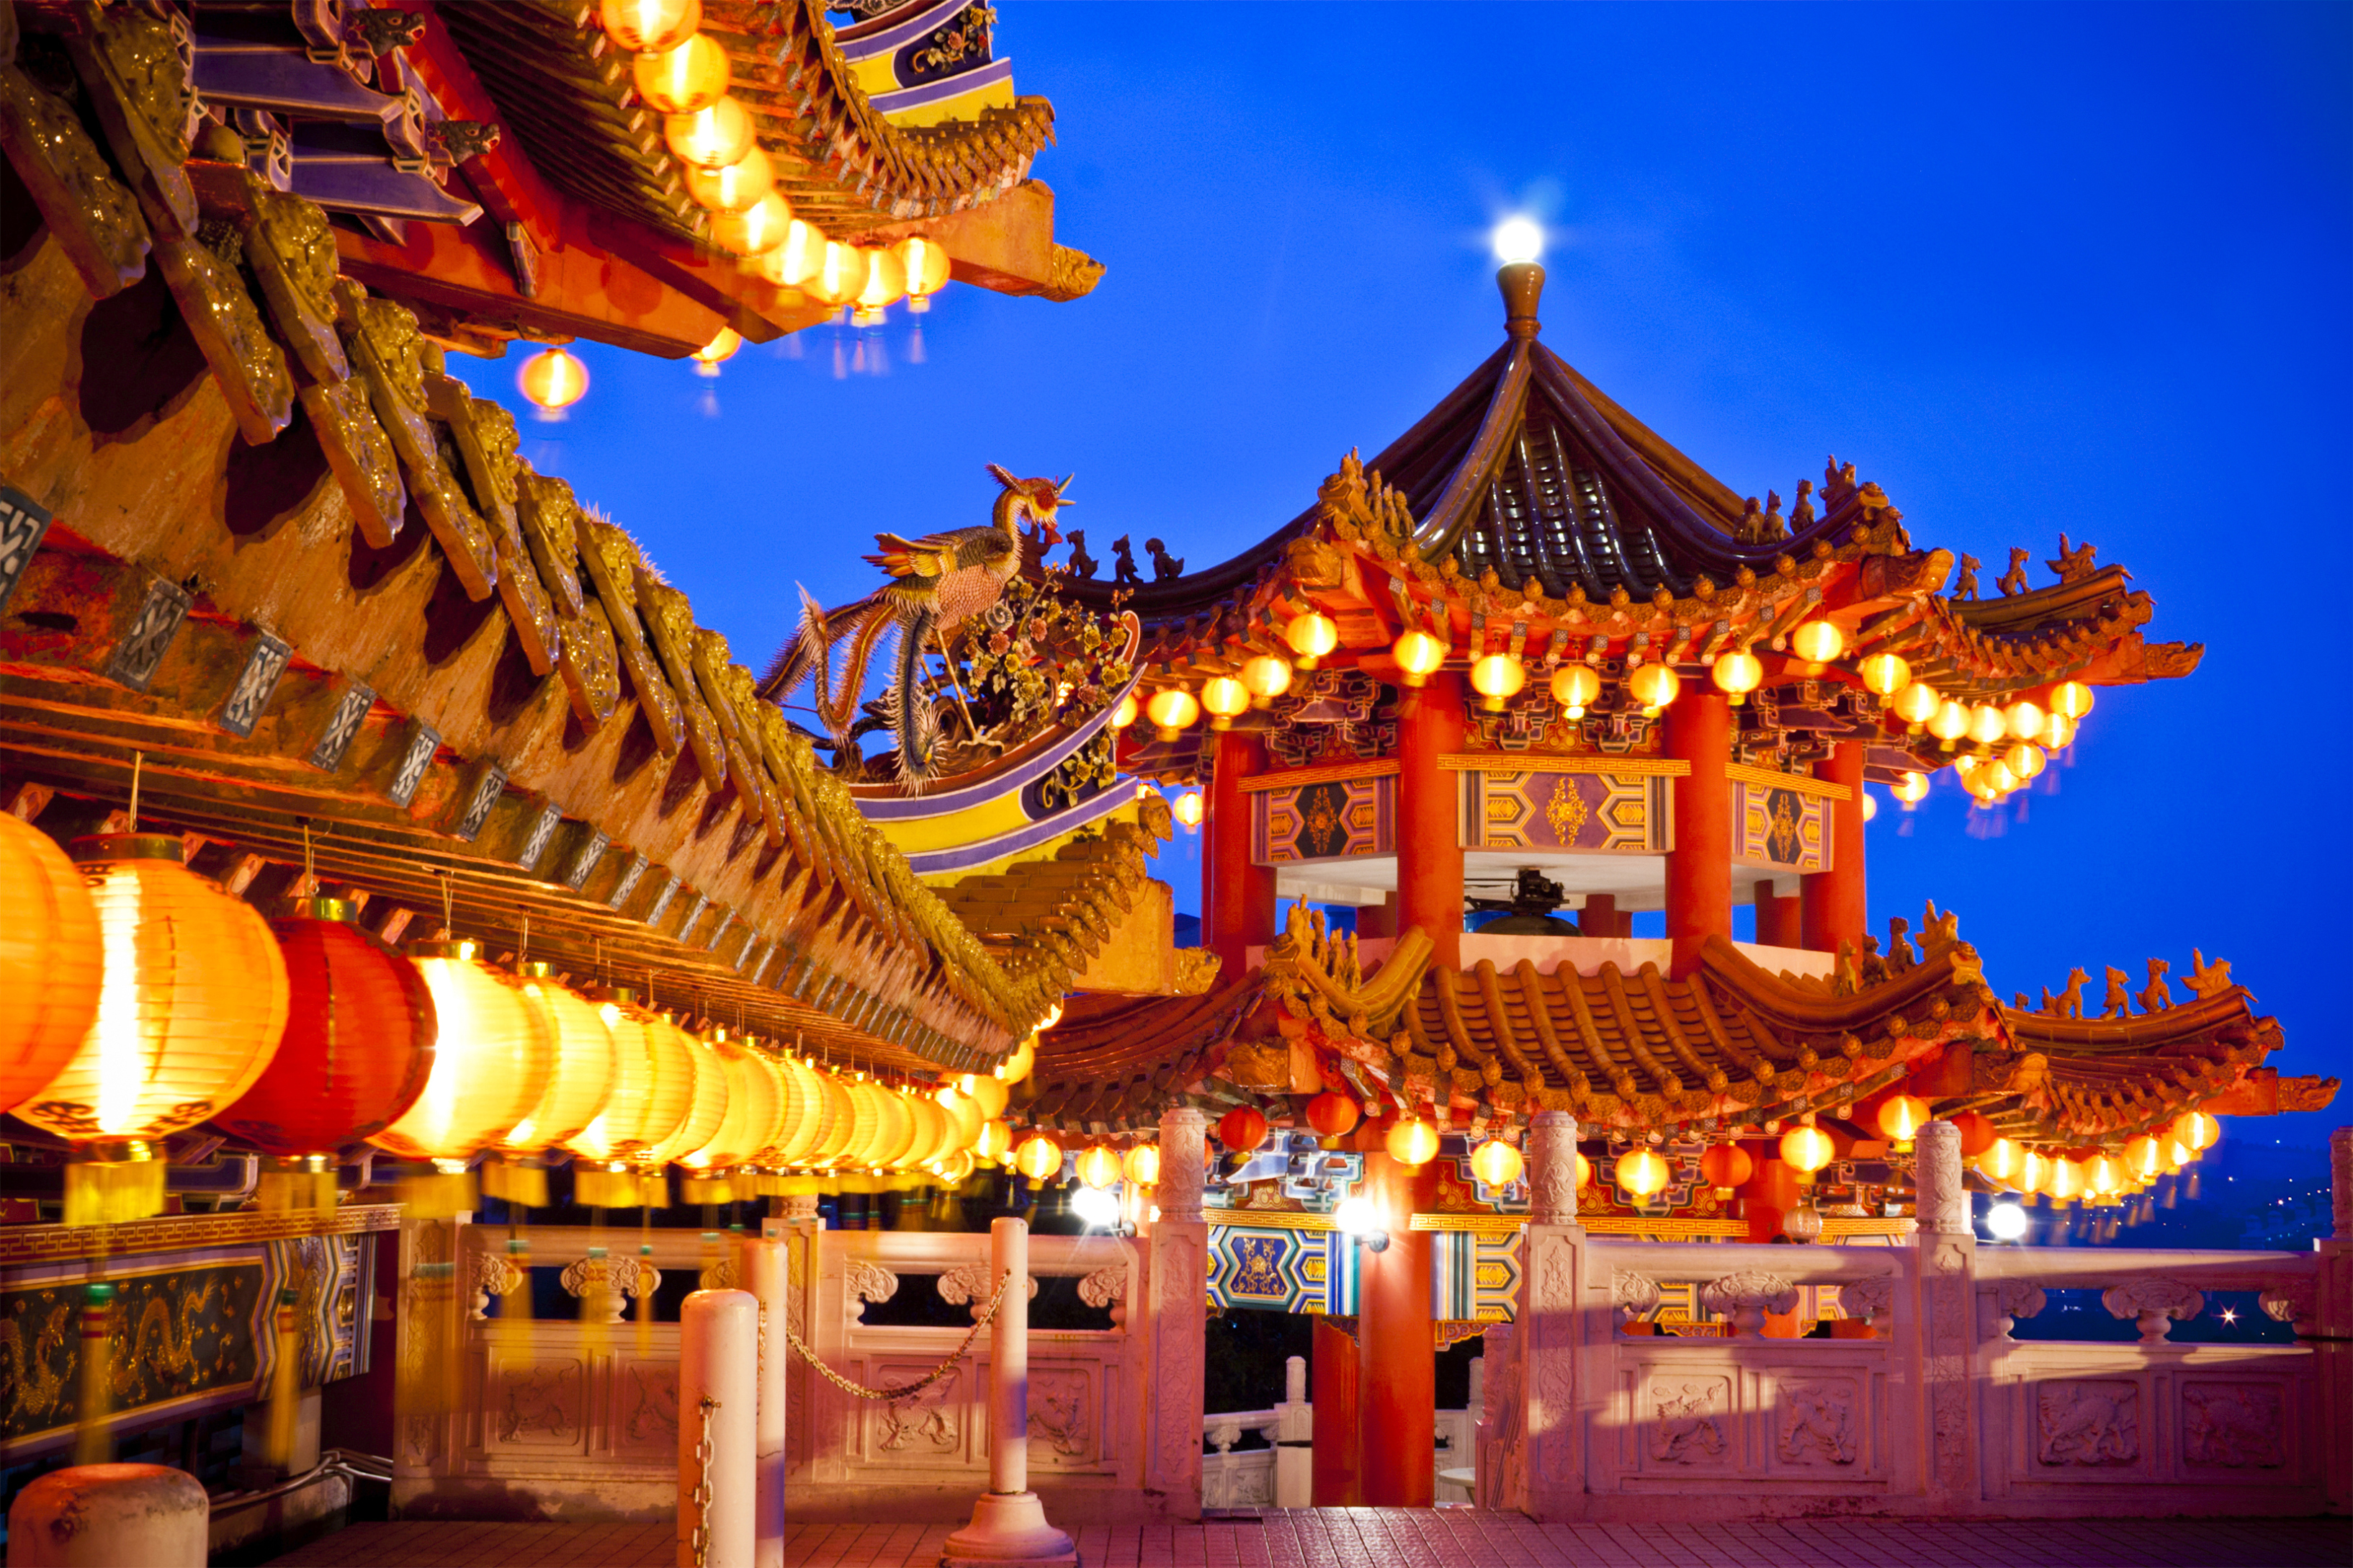 Kết quả hình ảnh cho Thean Hou Temple